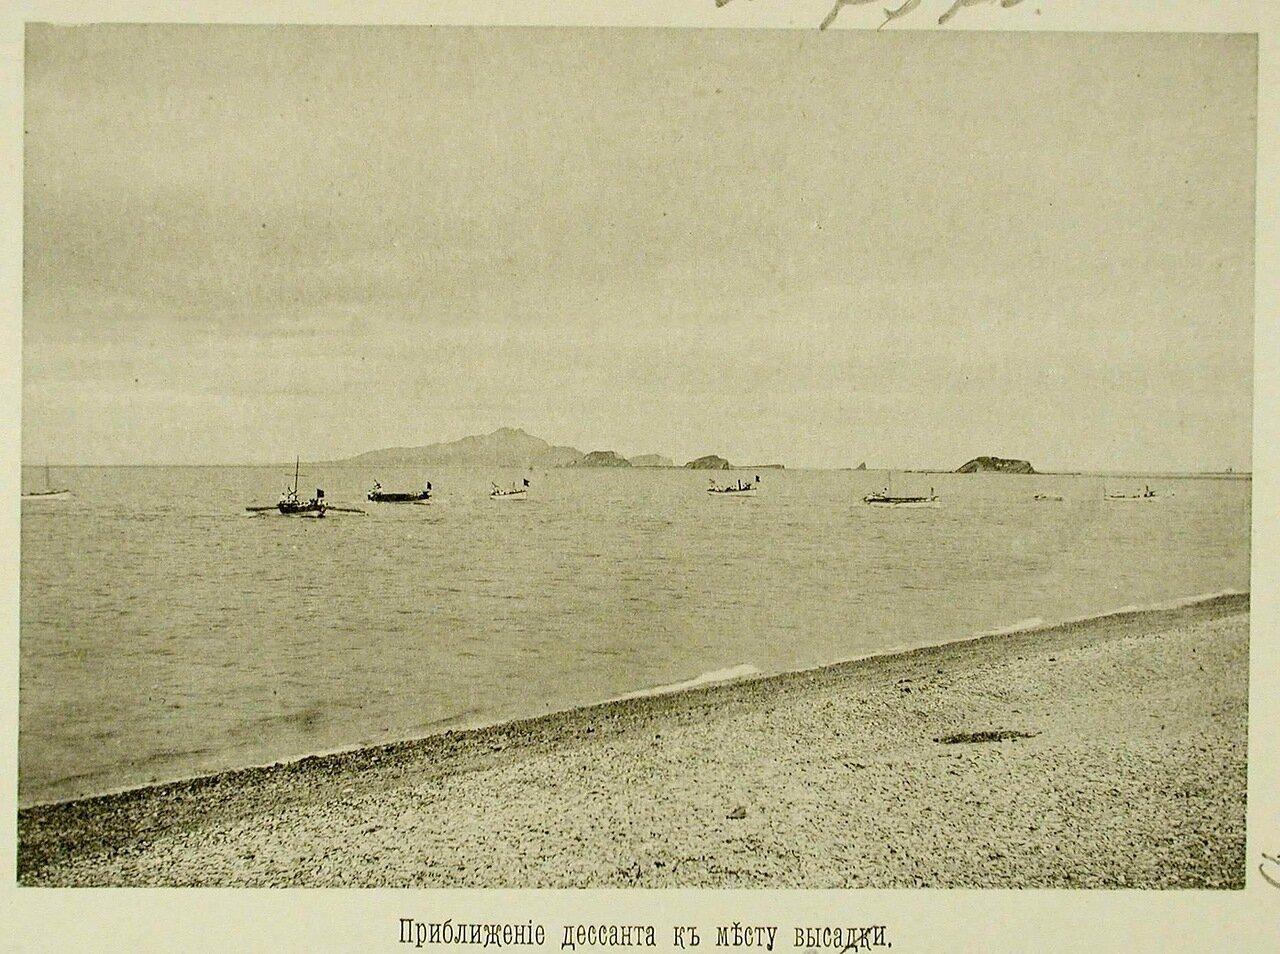 79.Эскадренный десант приближается к месту высадки во время учений